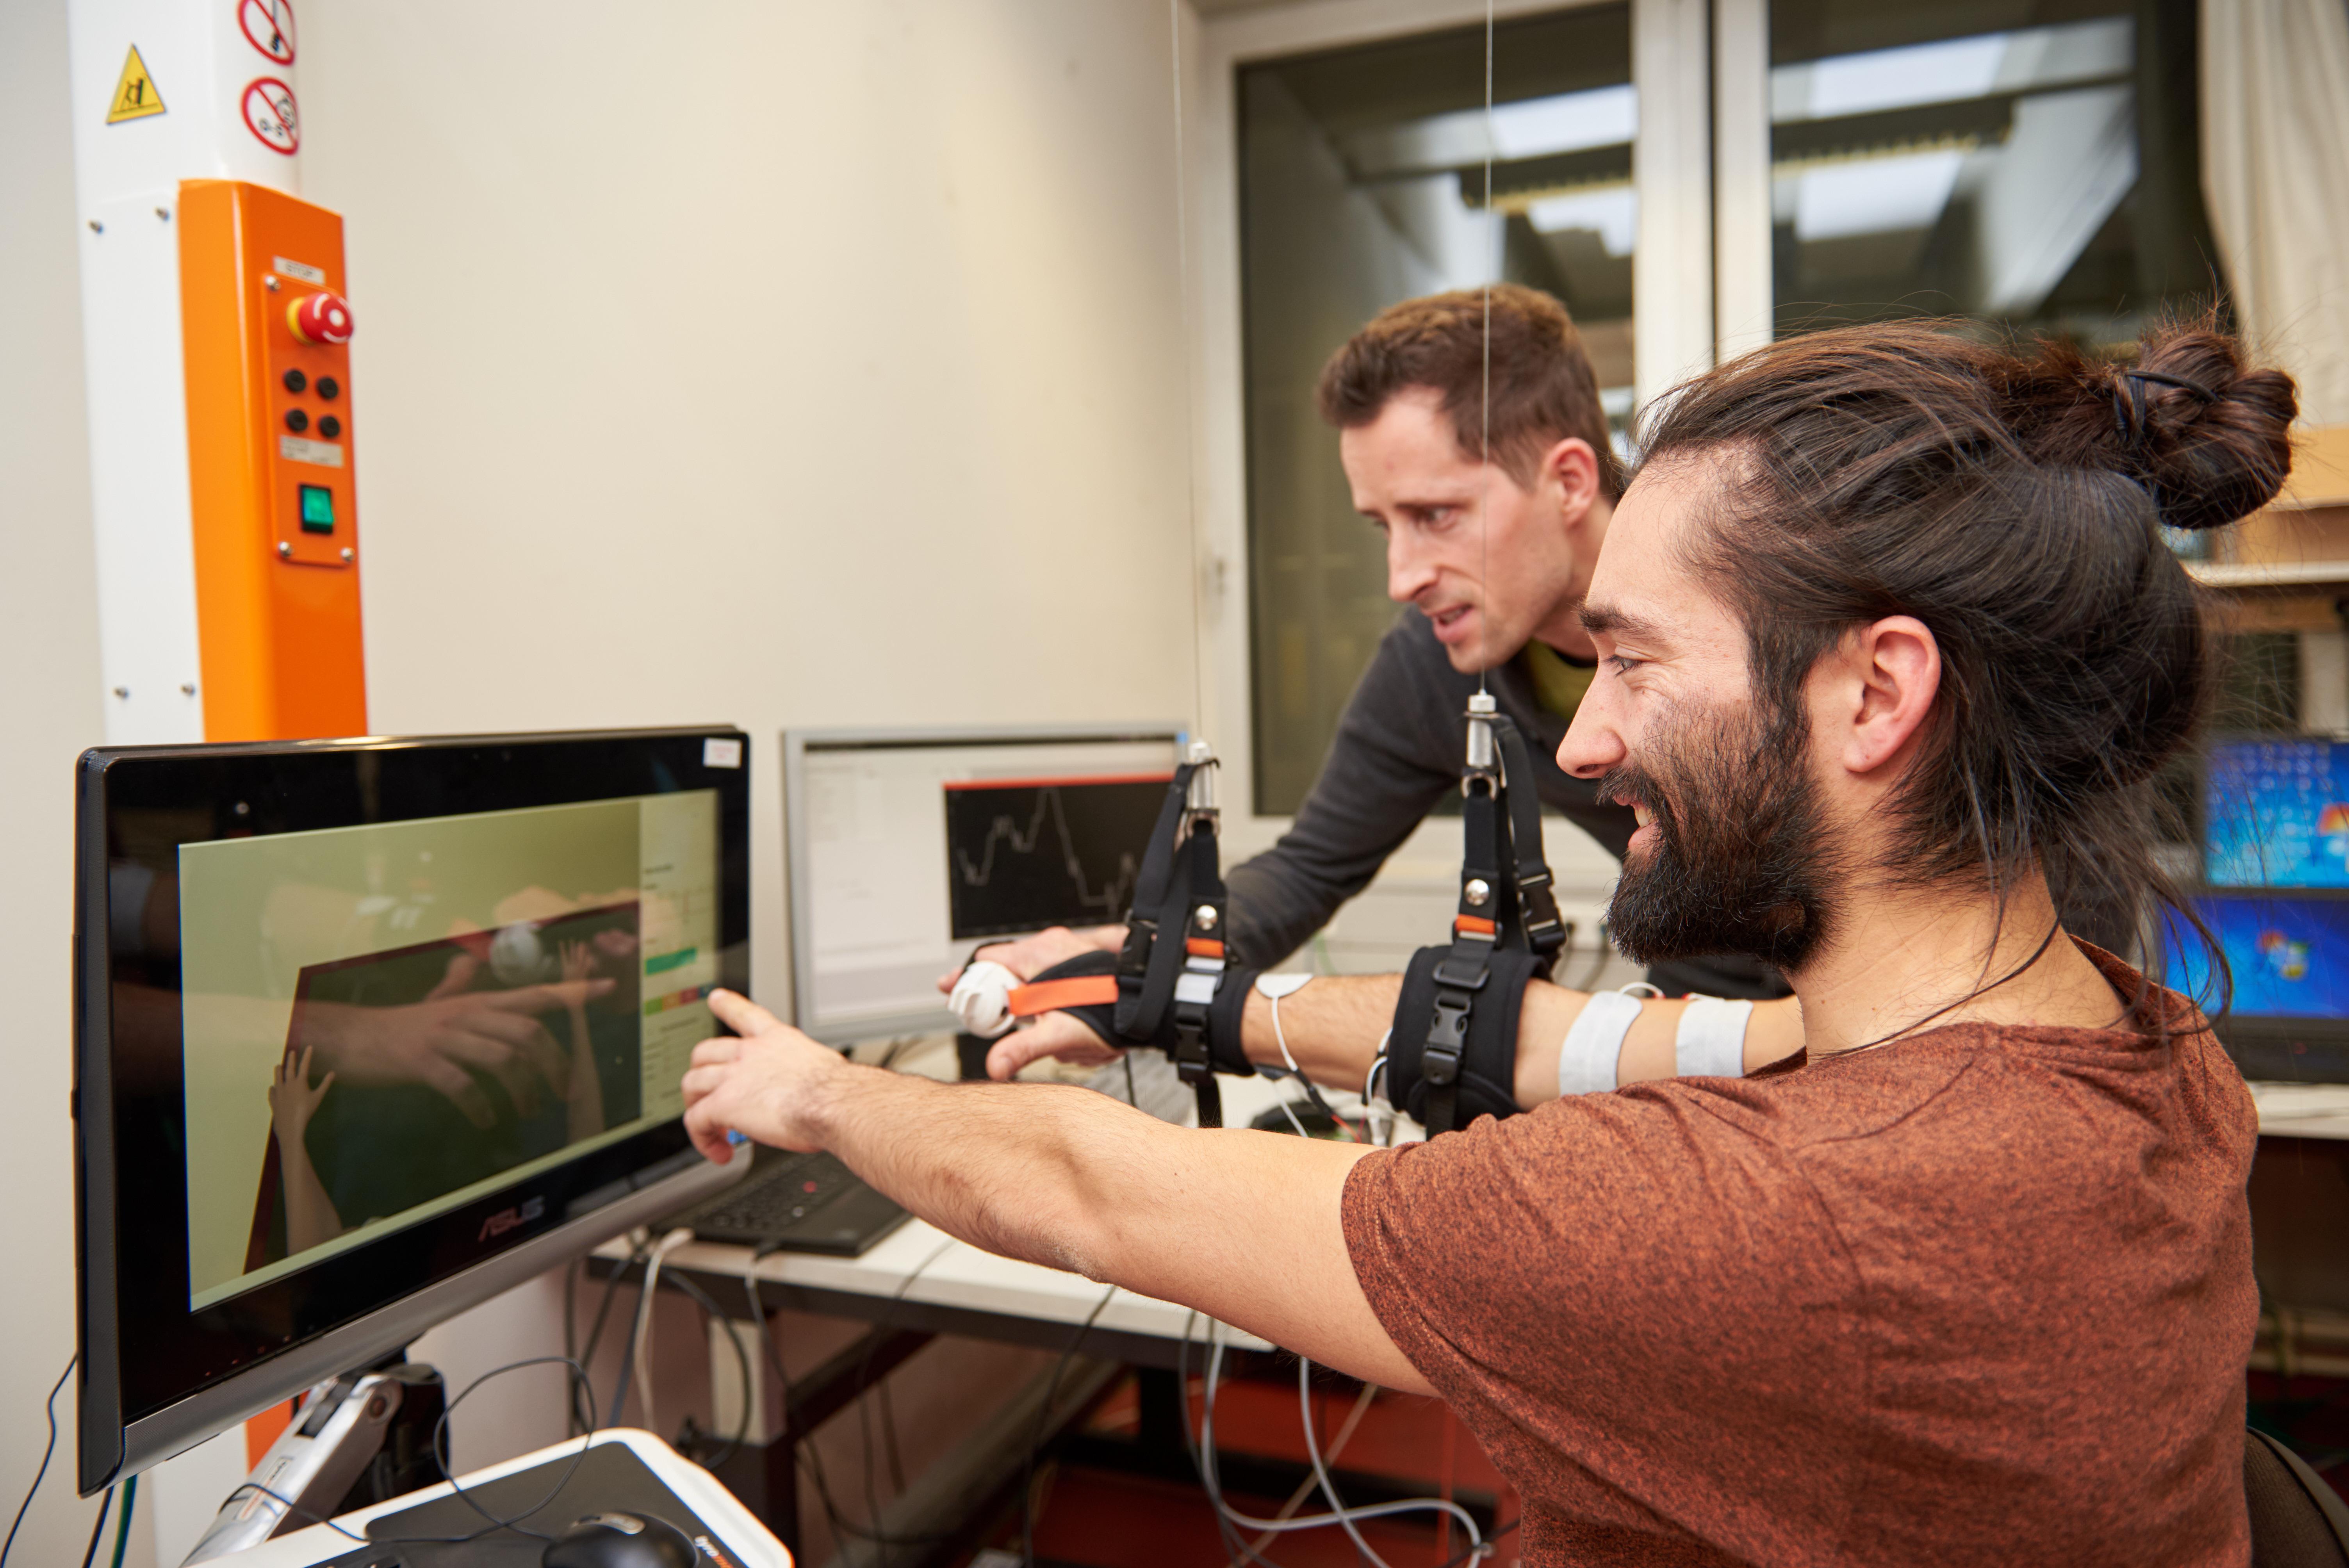 Mit dieser Arm-Neuroprothese erforschen Arne Passon und Thomas Seel Armbeugung, Armstreckung, Handgreifen und Handöffnung.